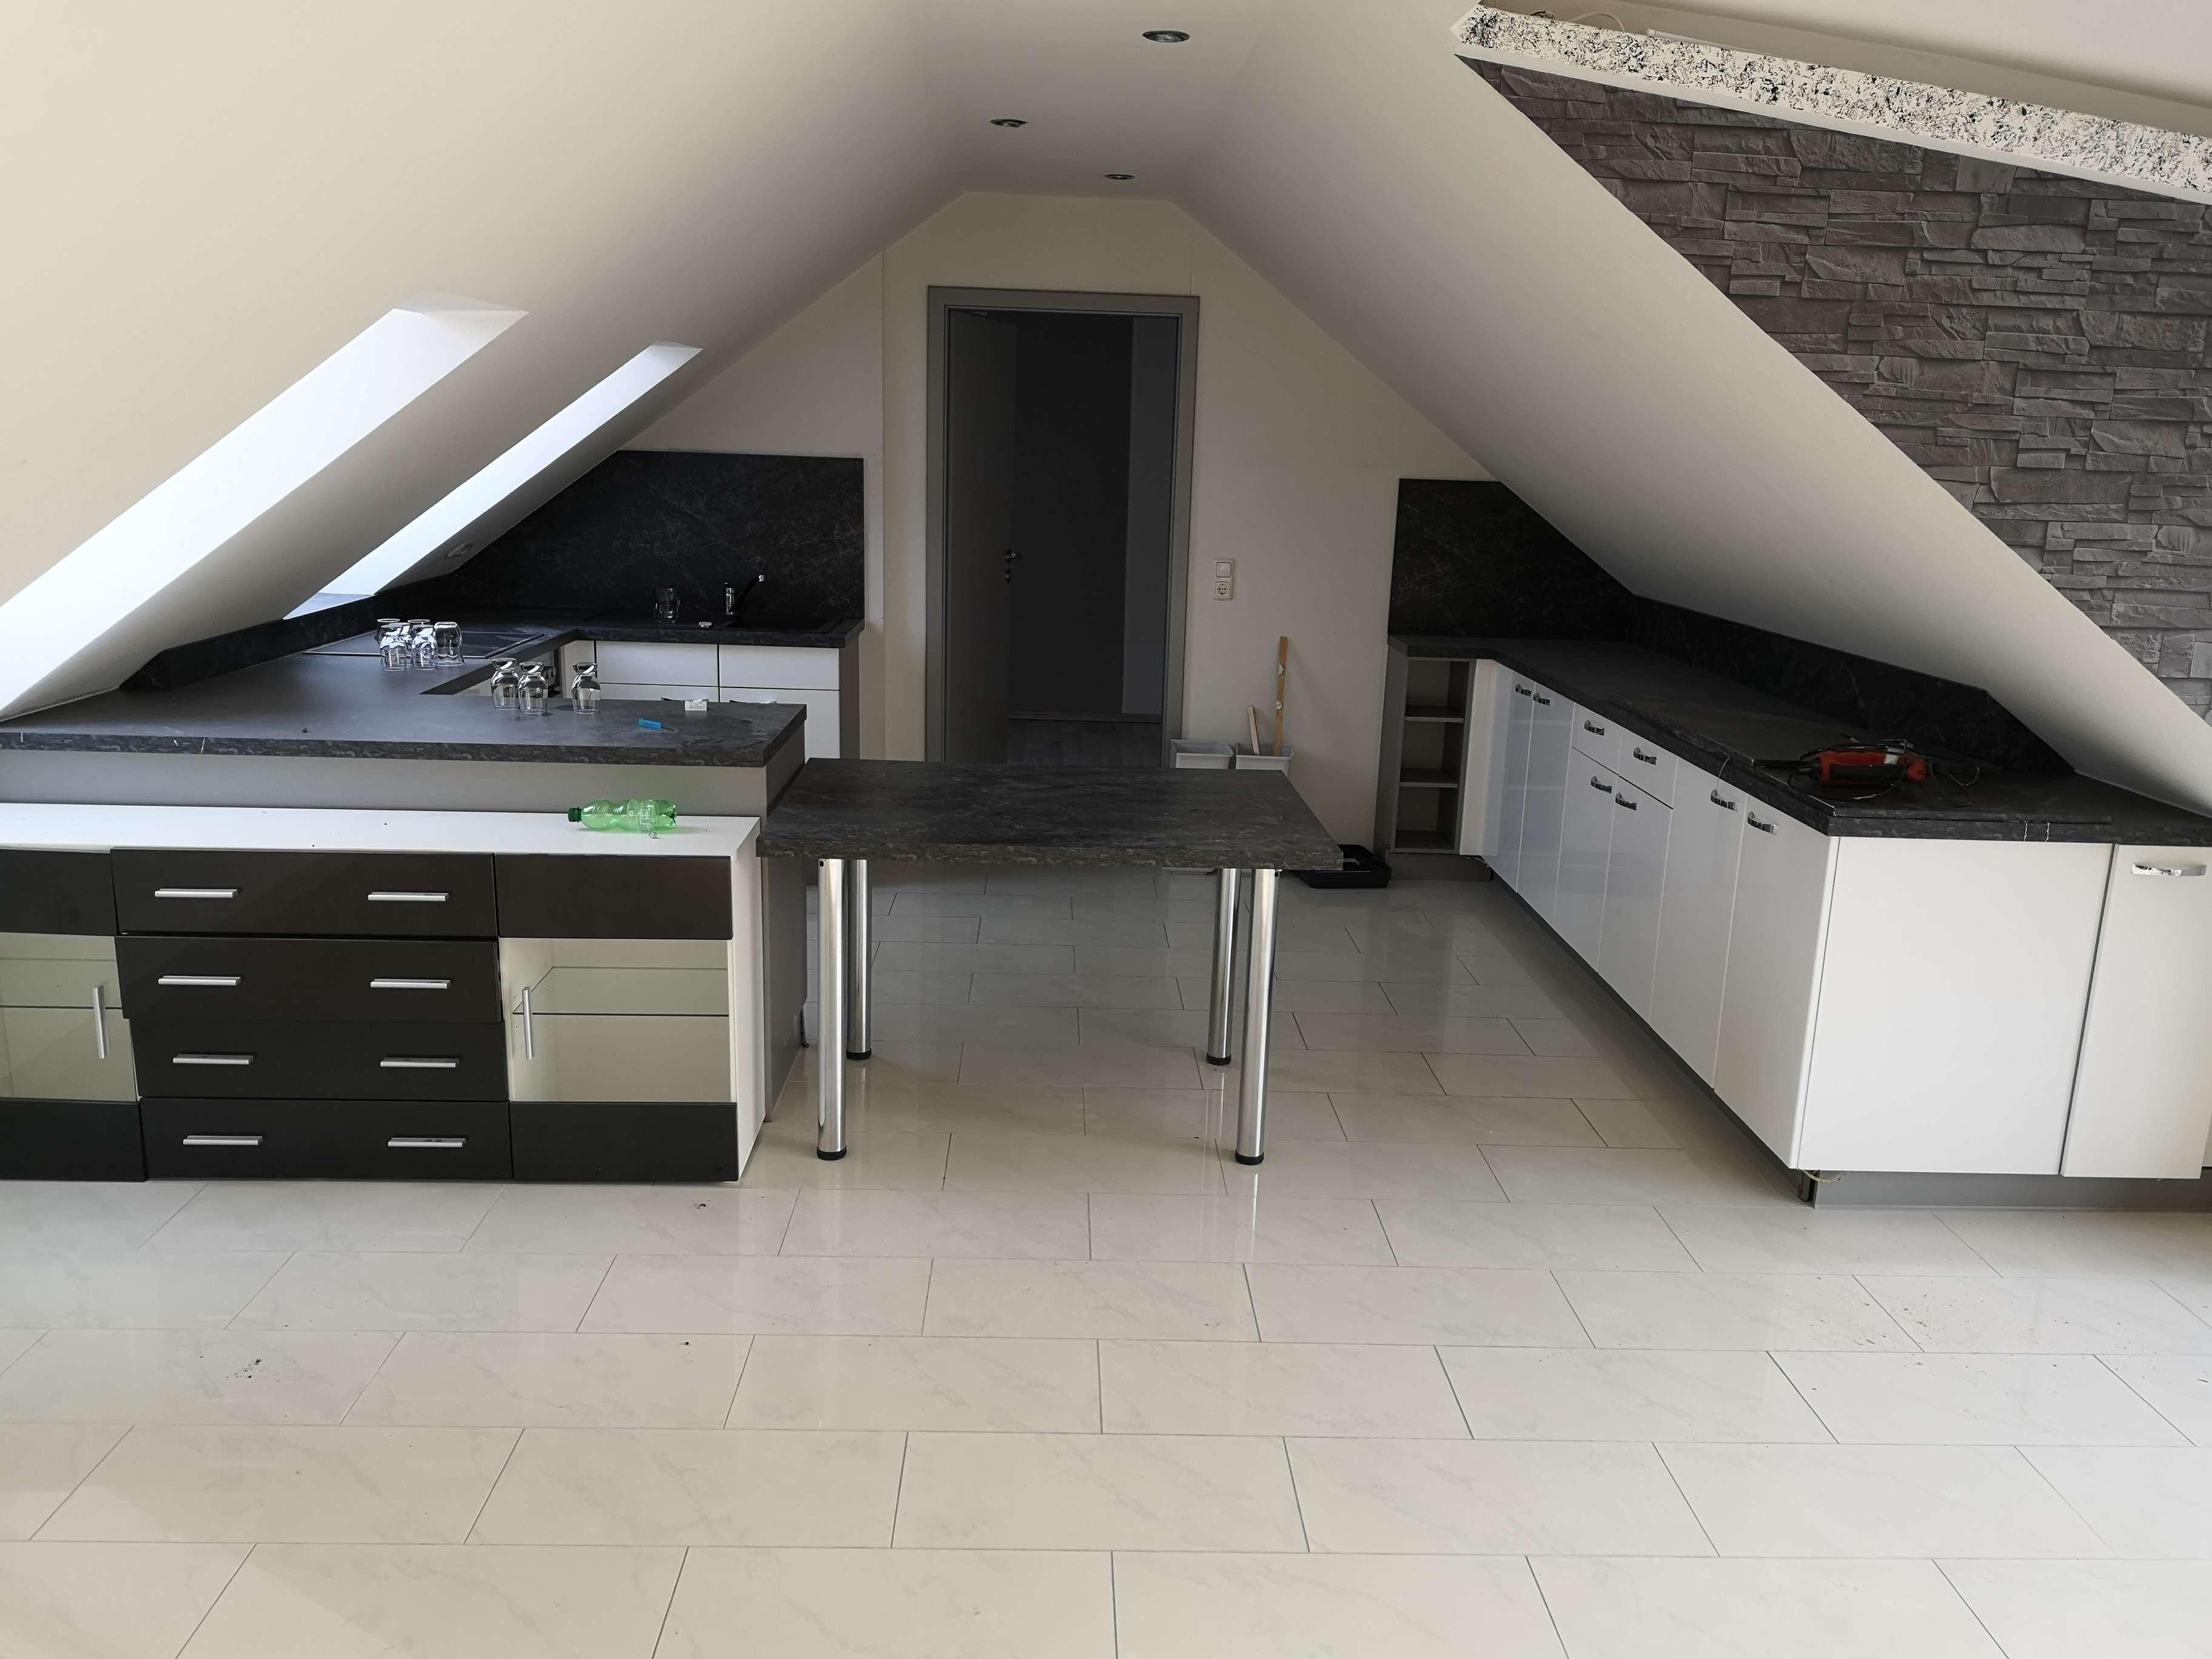 Exklusive 3-Zimmer-DG-Wohnung mit Balkon und Einbauküche in Ausburg